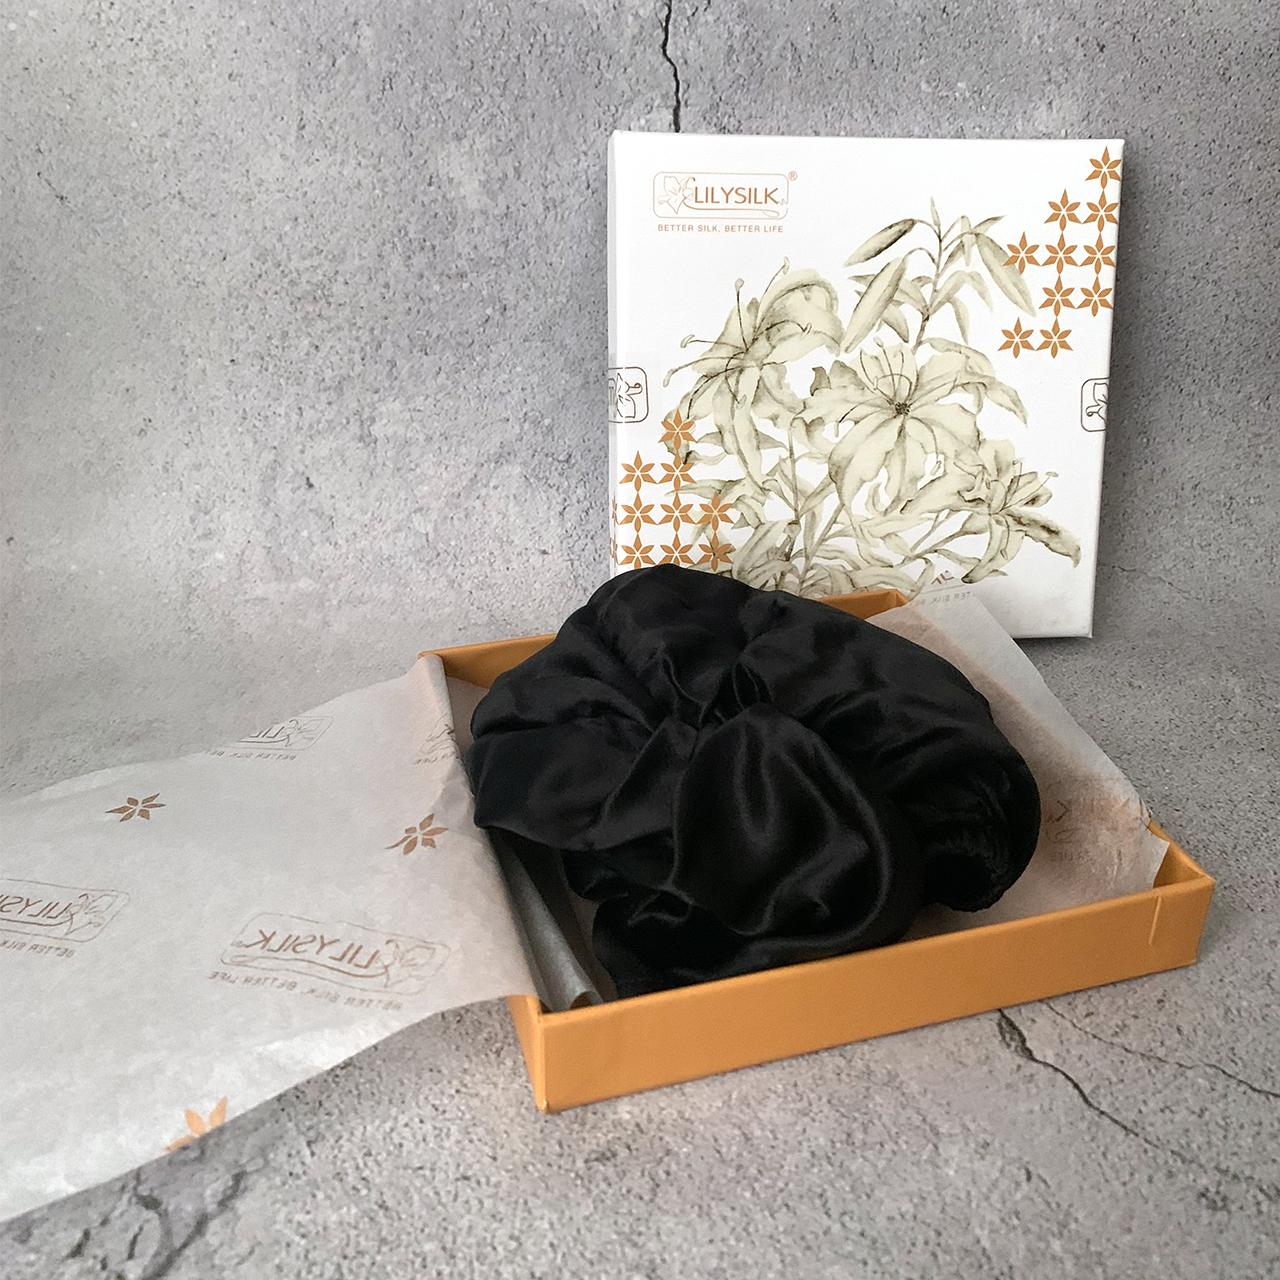 memo/シルク/つるつる